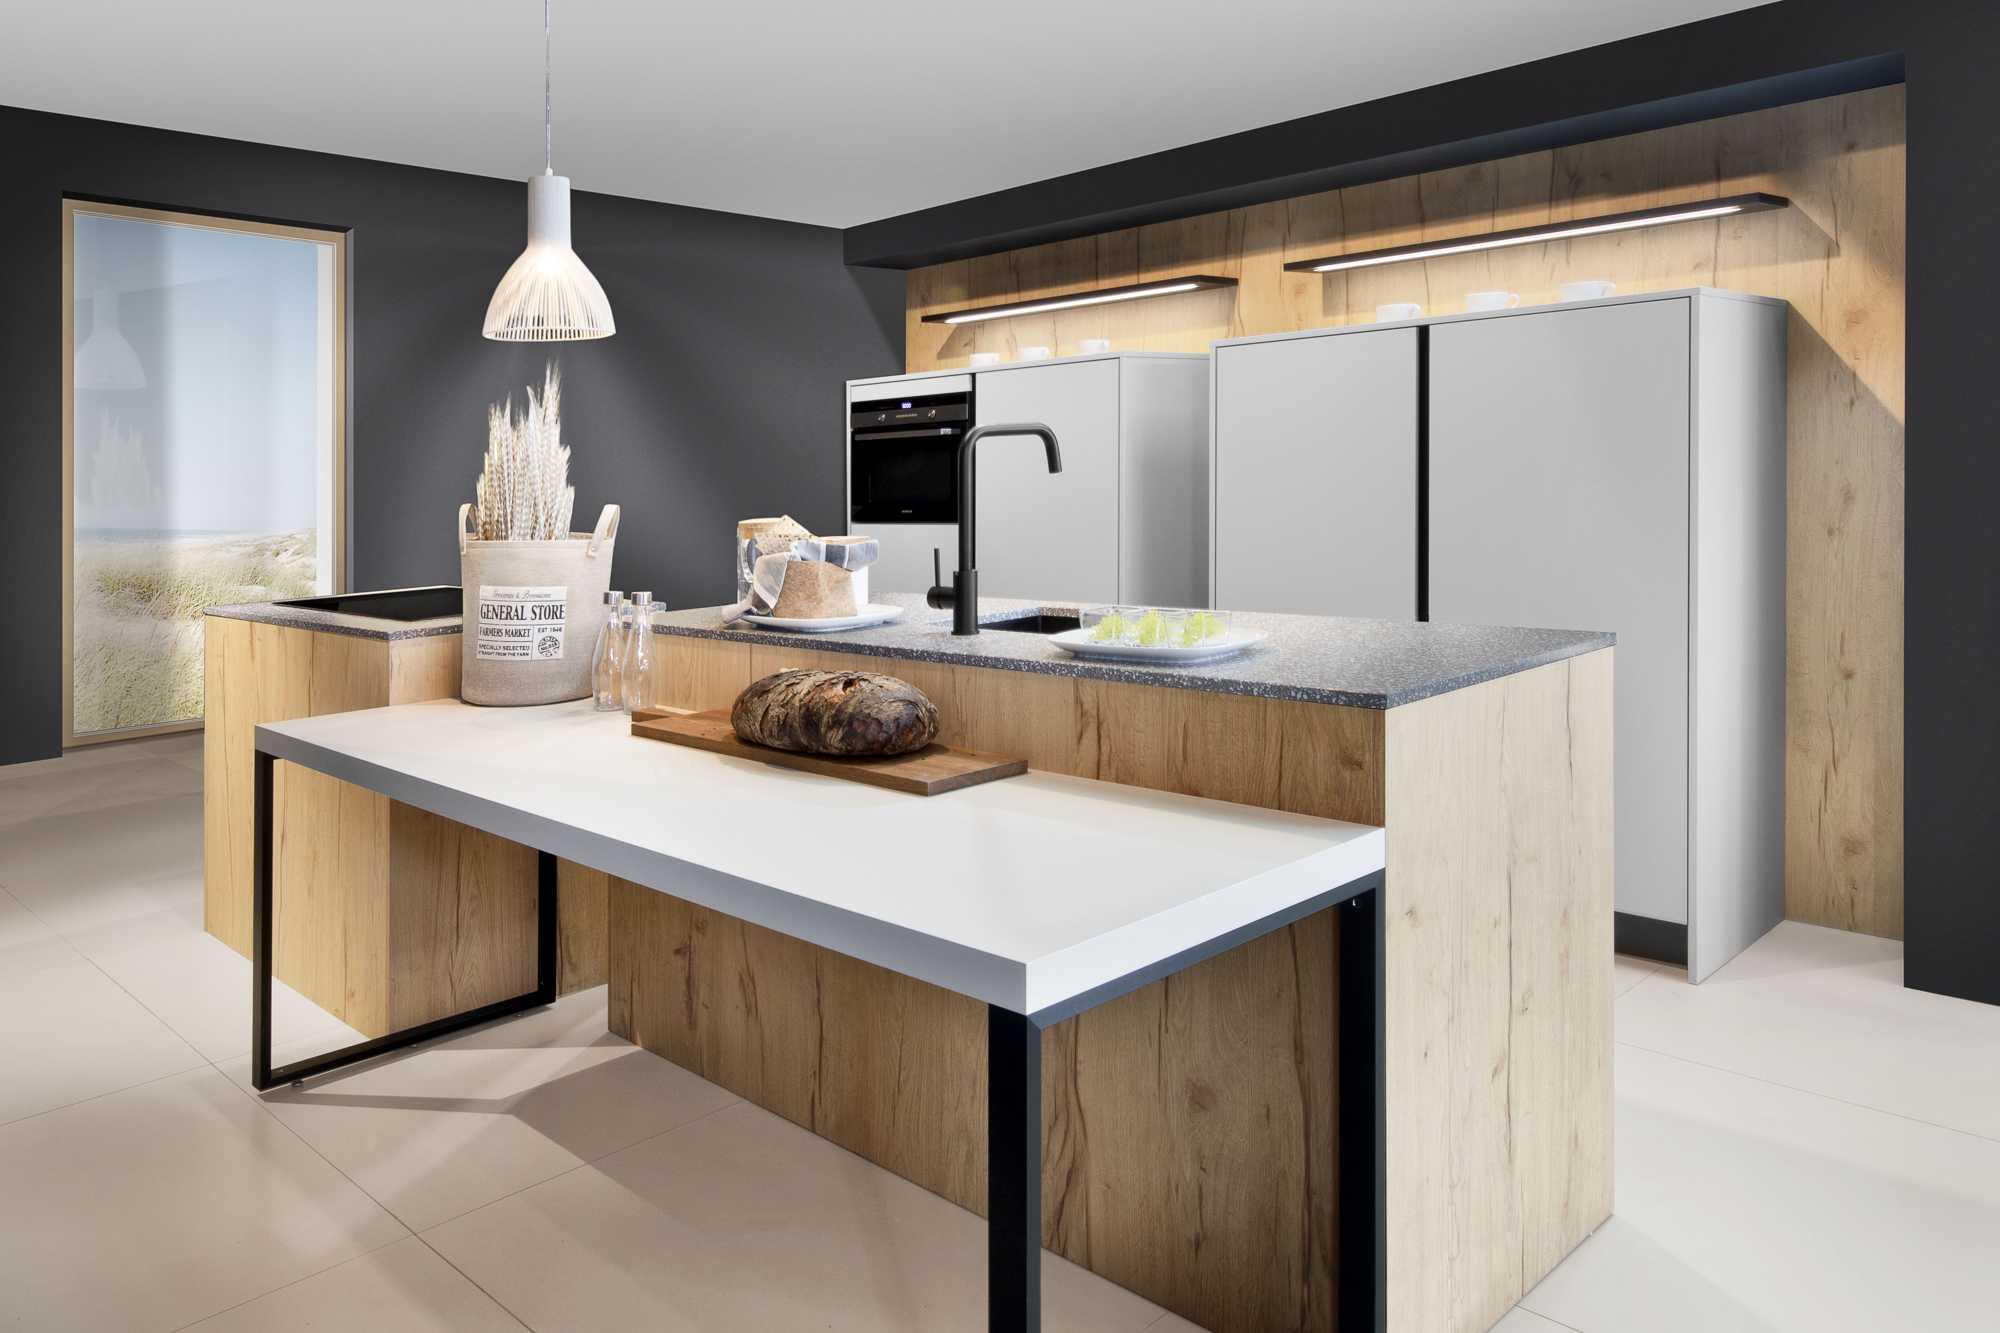 Two Tone Kitchen: Informa Daylight Grey MX and ZeroxNogero XT